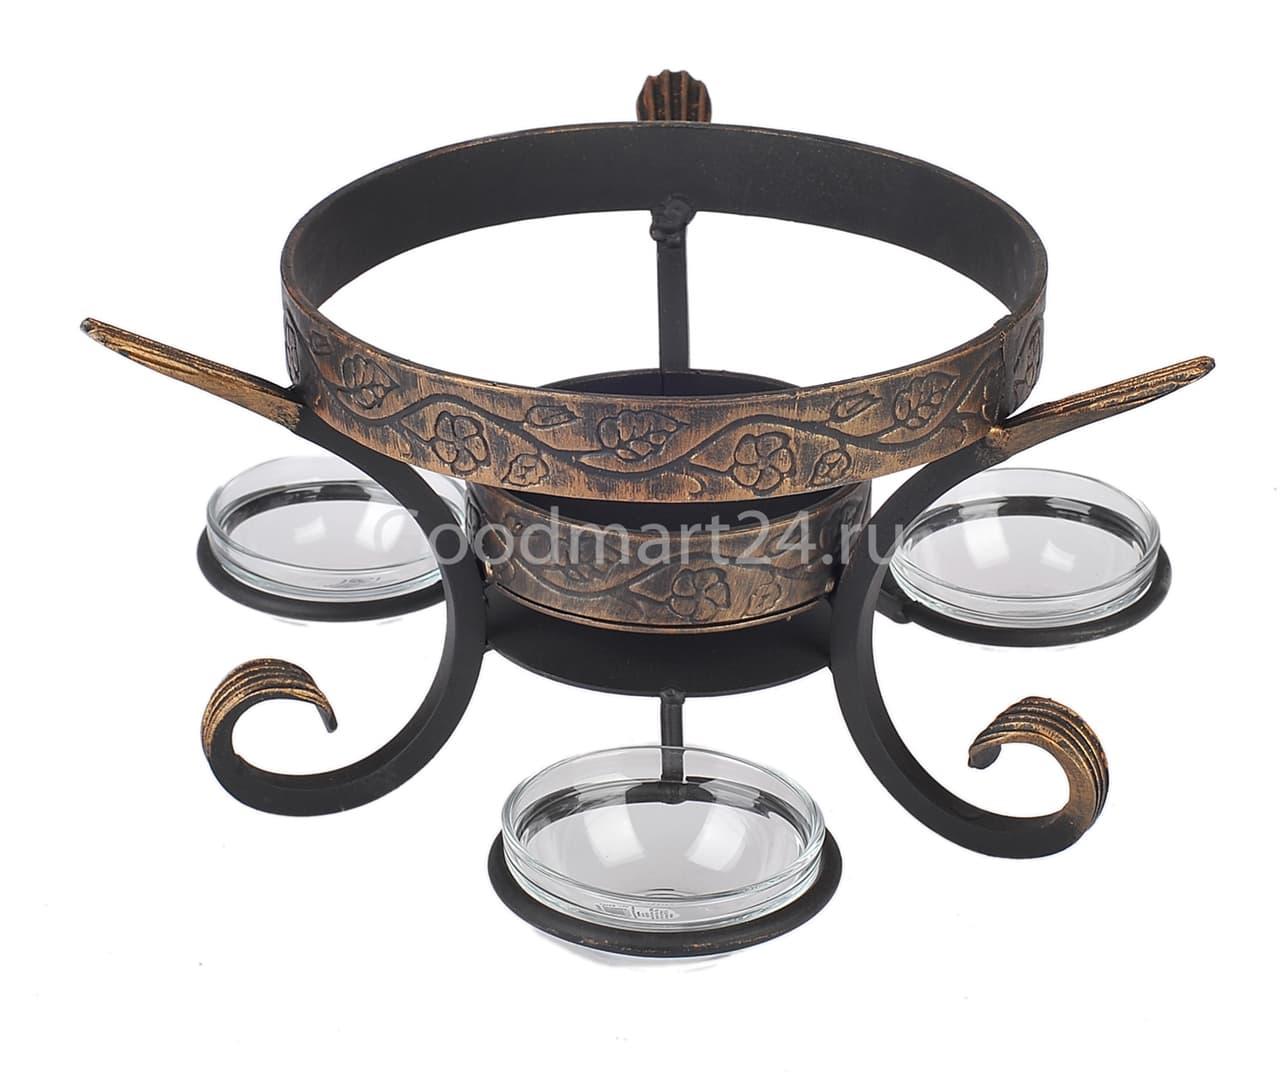 Садж сковорода 35 см, сталь + подставка кованная Шелковый путь премиум - фото 8540